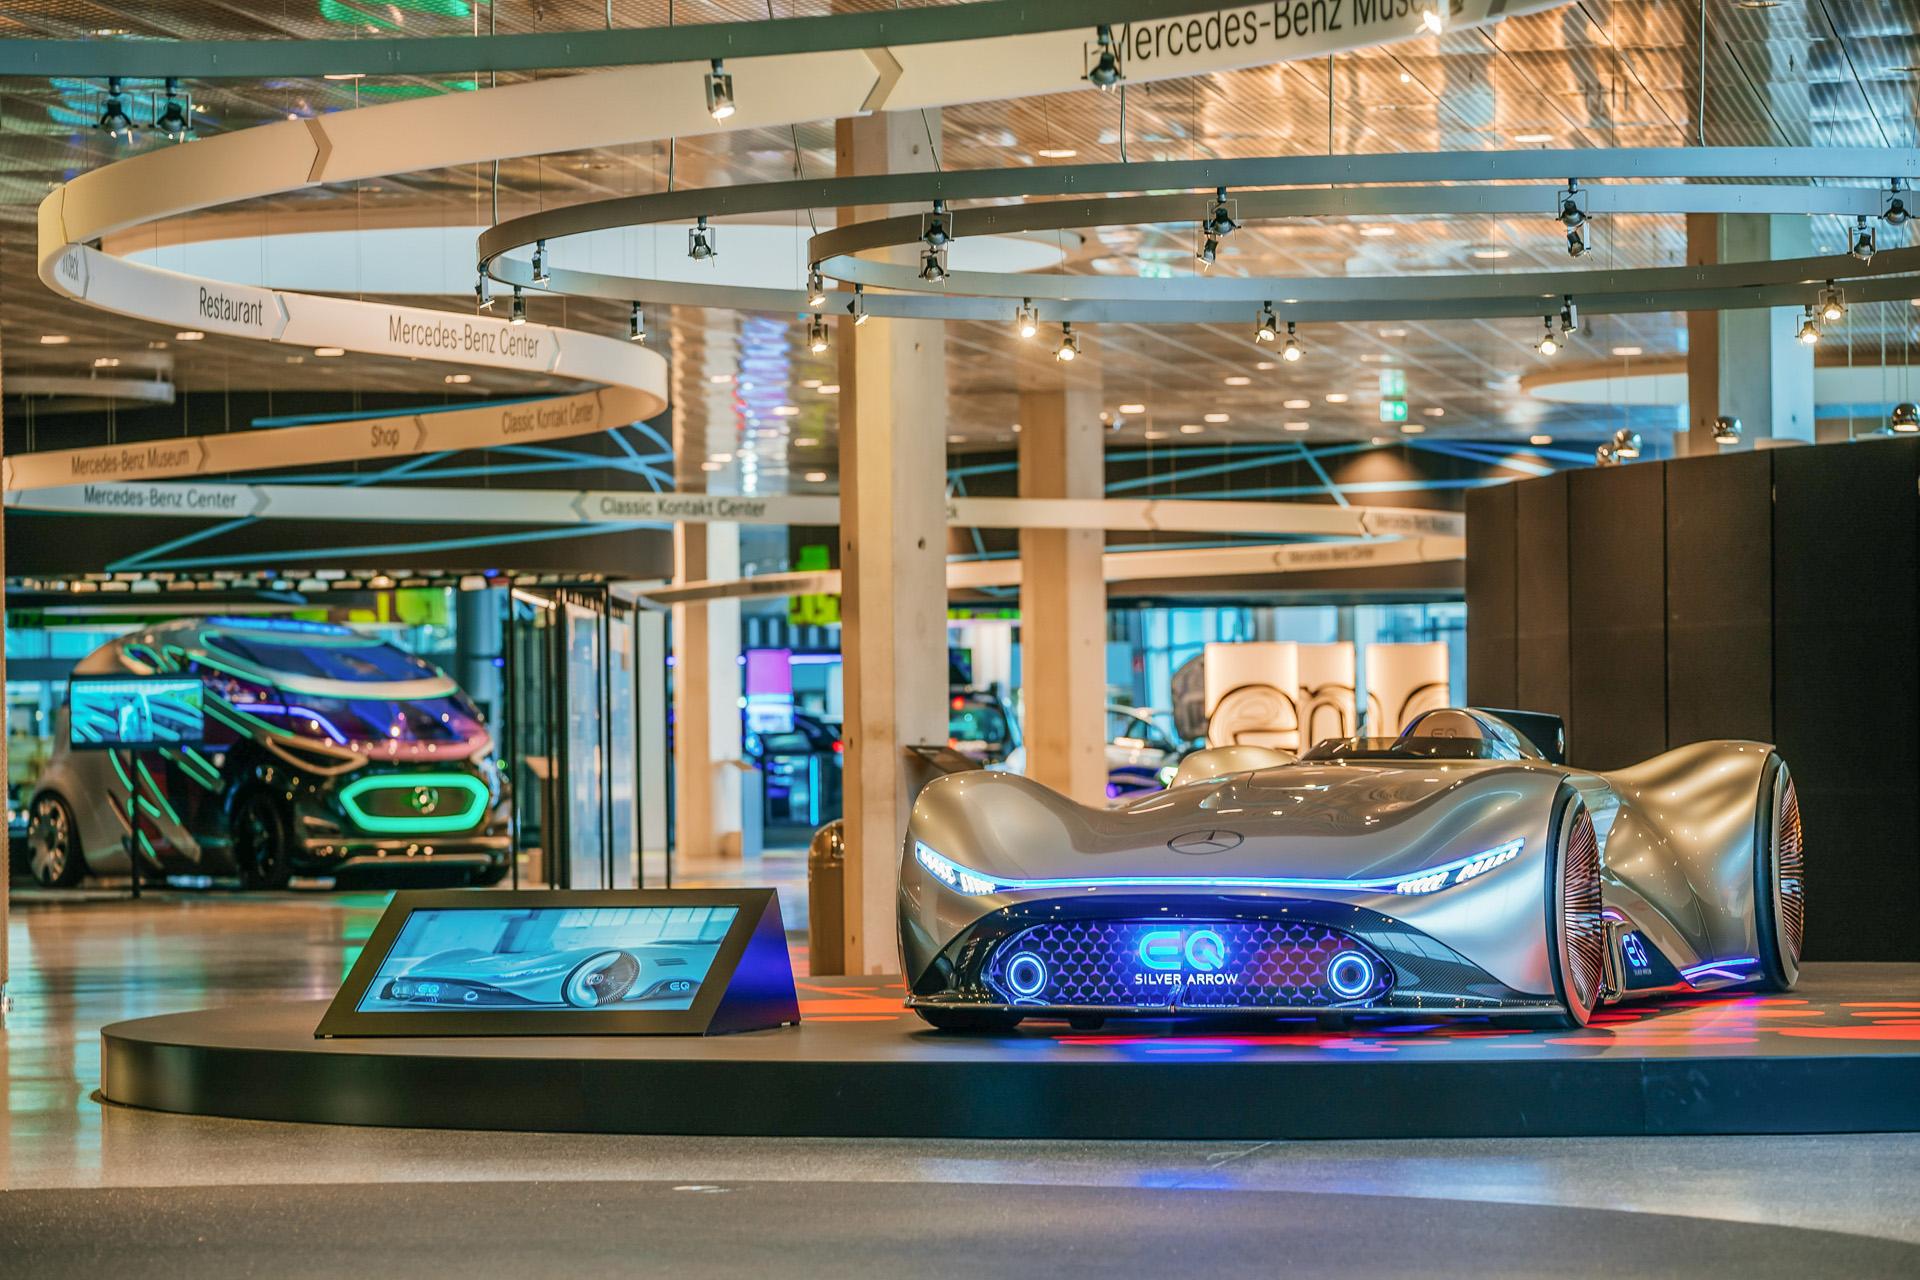 """Mercedes-Benz Museum, Sonderausstellung """"Zukunft Mobilität"""". Vision EQ Silver Arrow mit digitalem Cockpit und ins Lenkrad integriertem Touchscreen. Die Sonderausstellung ist zu sehen vom 1. Juni 2021 bis Ende März 2022"""